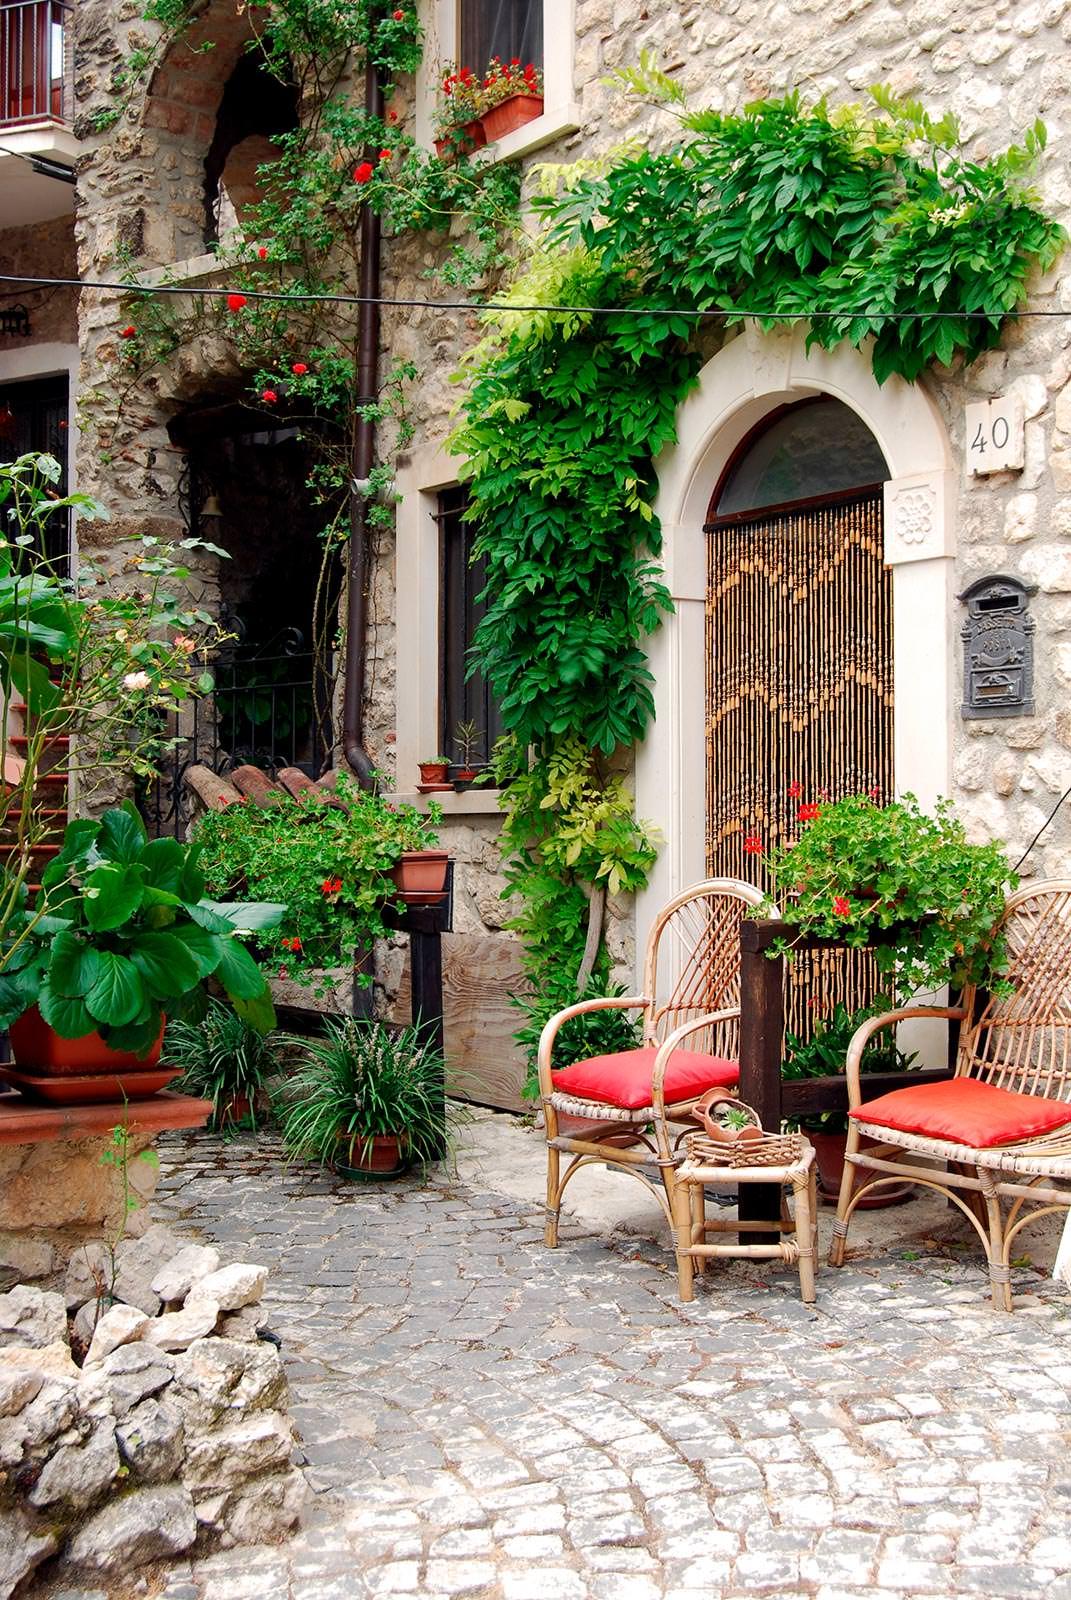 кто знакомы красивые фото итальянских двориков столичных кинотеатров базируются